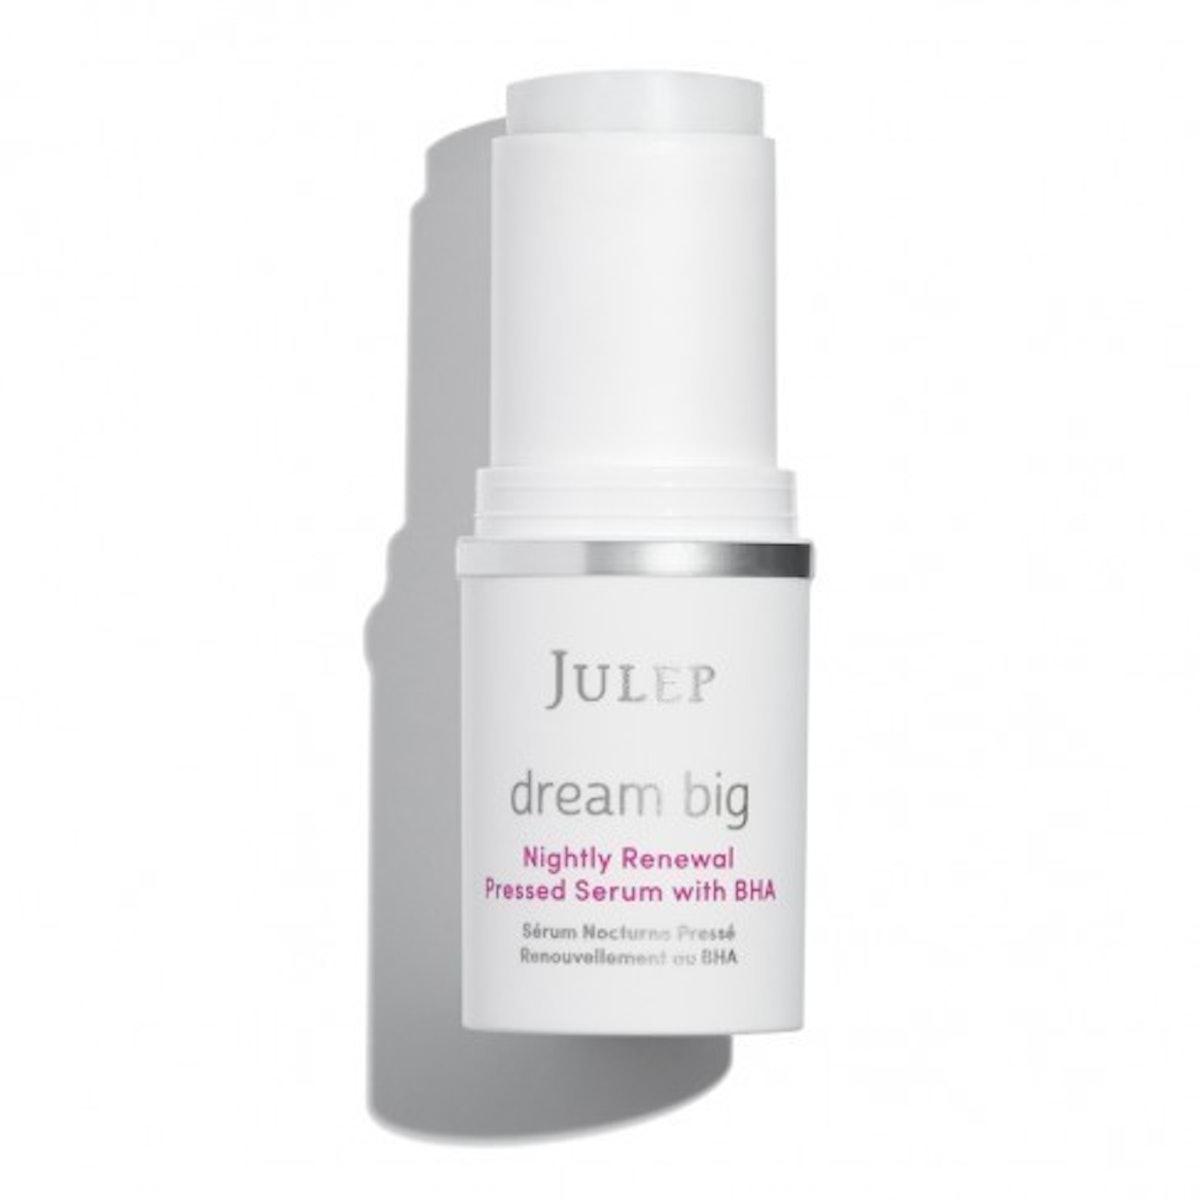 Dream Big  Nightly Renewal Pressed Serum with BHA